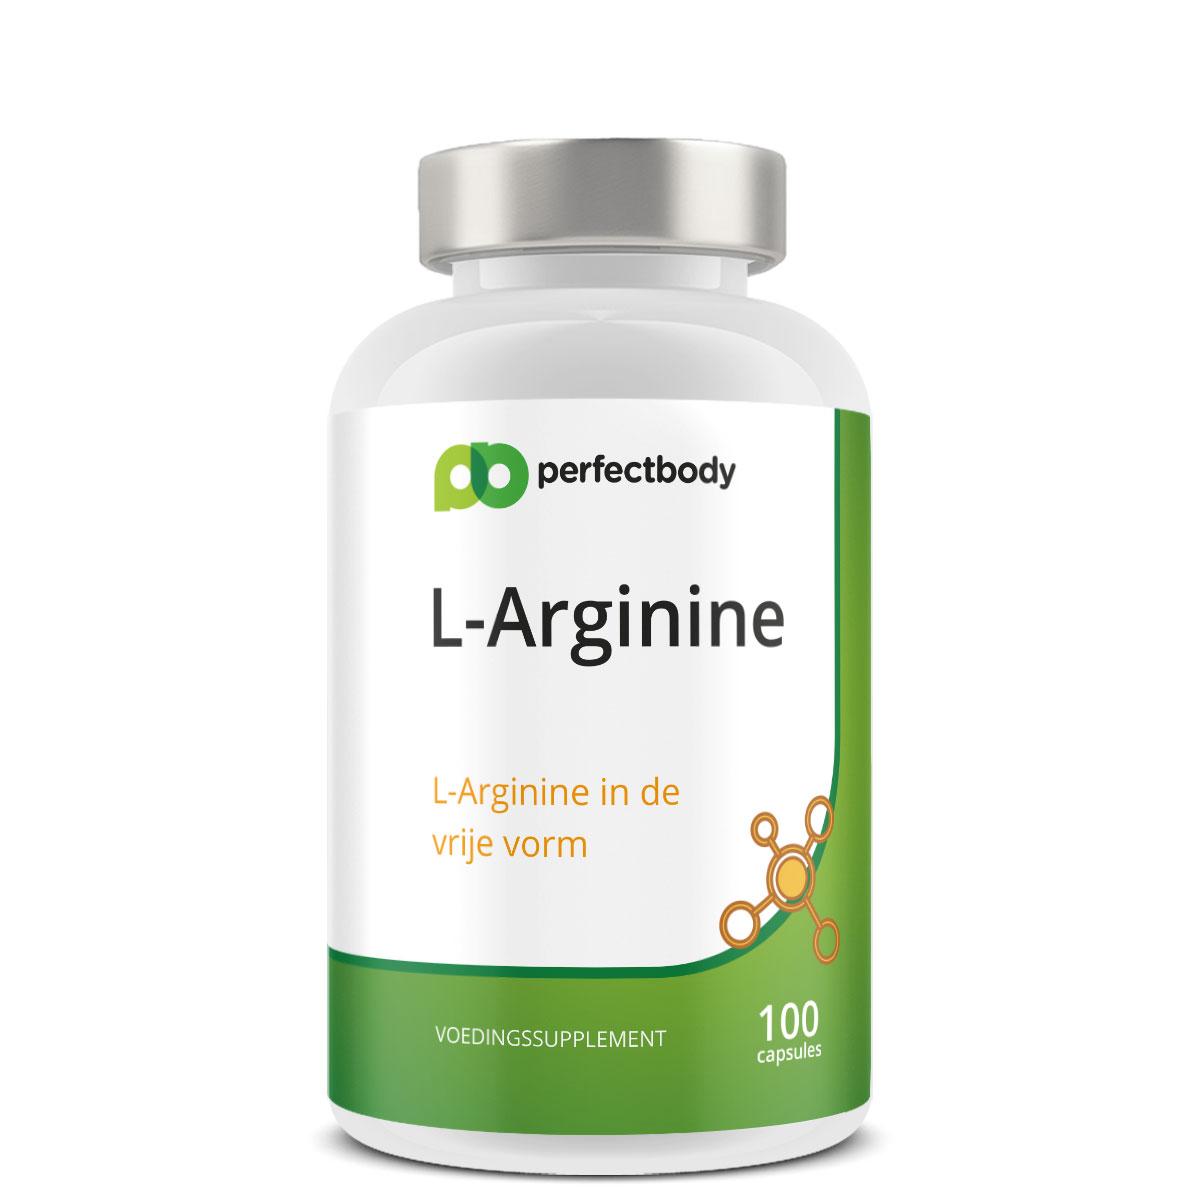 Perfectbody L-arginine Capsules - 100 Capsules